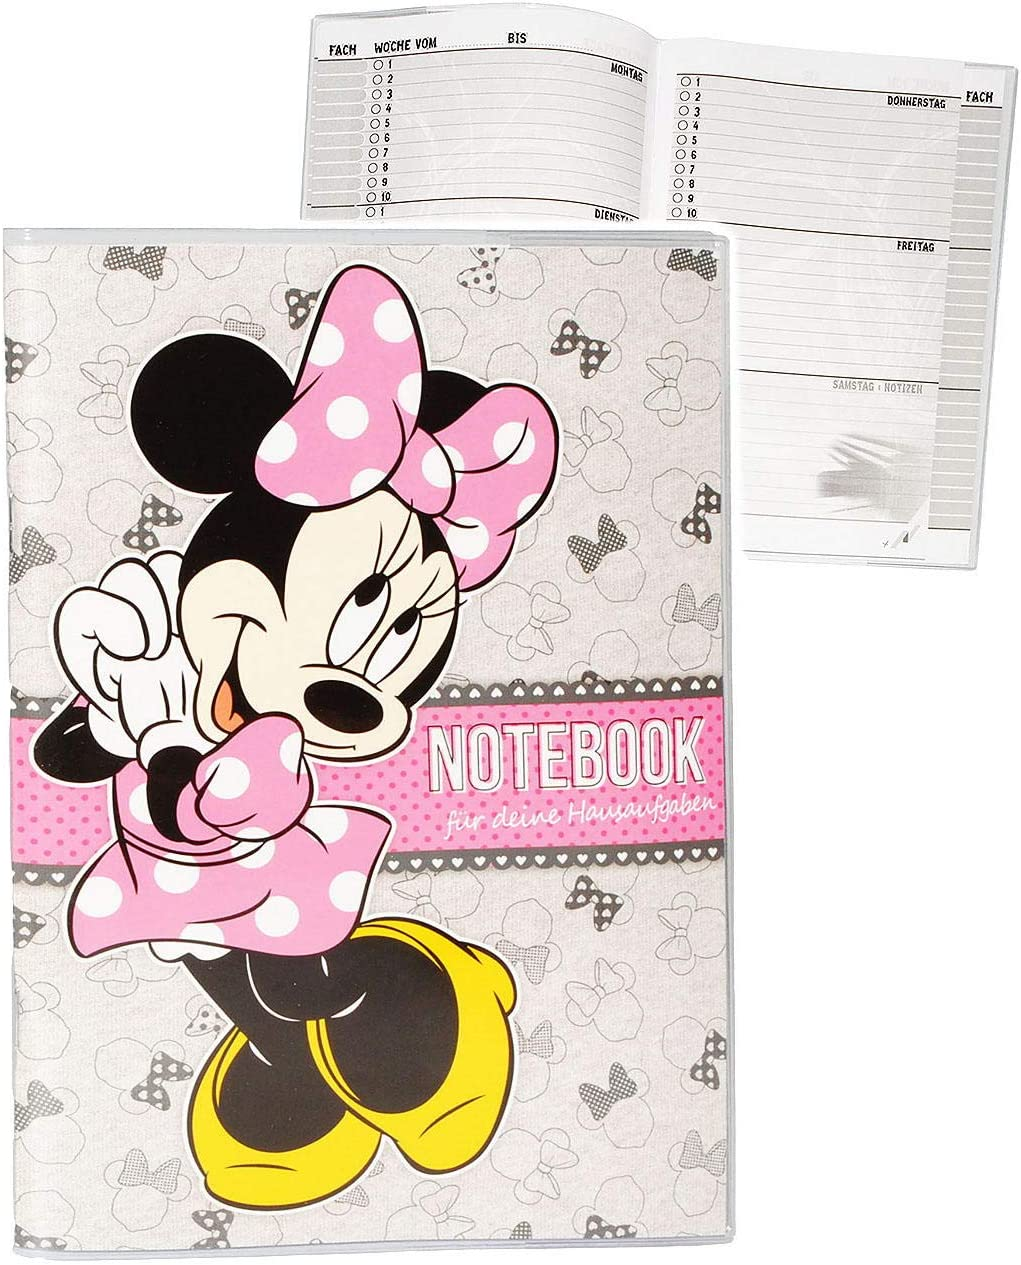 100 /% Baumwolle M/ütze // Sommerm/ütze B.. Gr/ö/ße 3 bis 12 Jahre f/ür M/ädchen inkl alles-meine.de GmbH Basecap Kinder Minnie Mouse Name universal /& verstellbar Disney